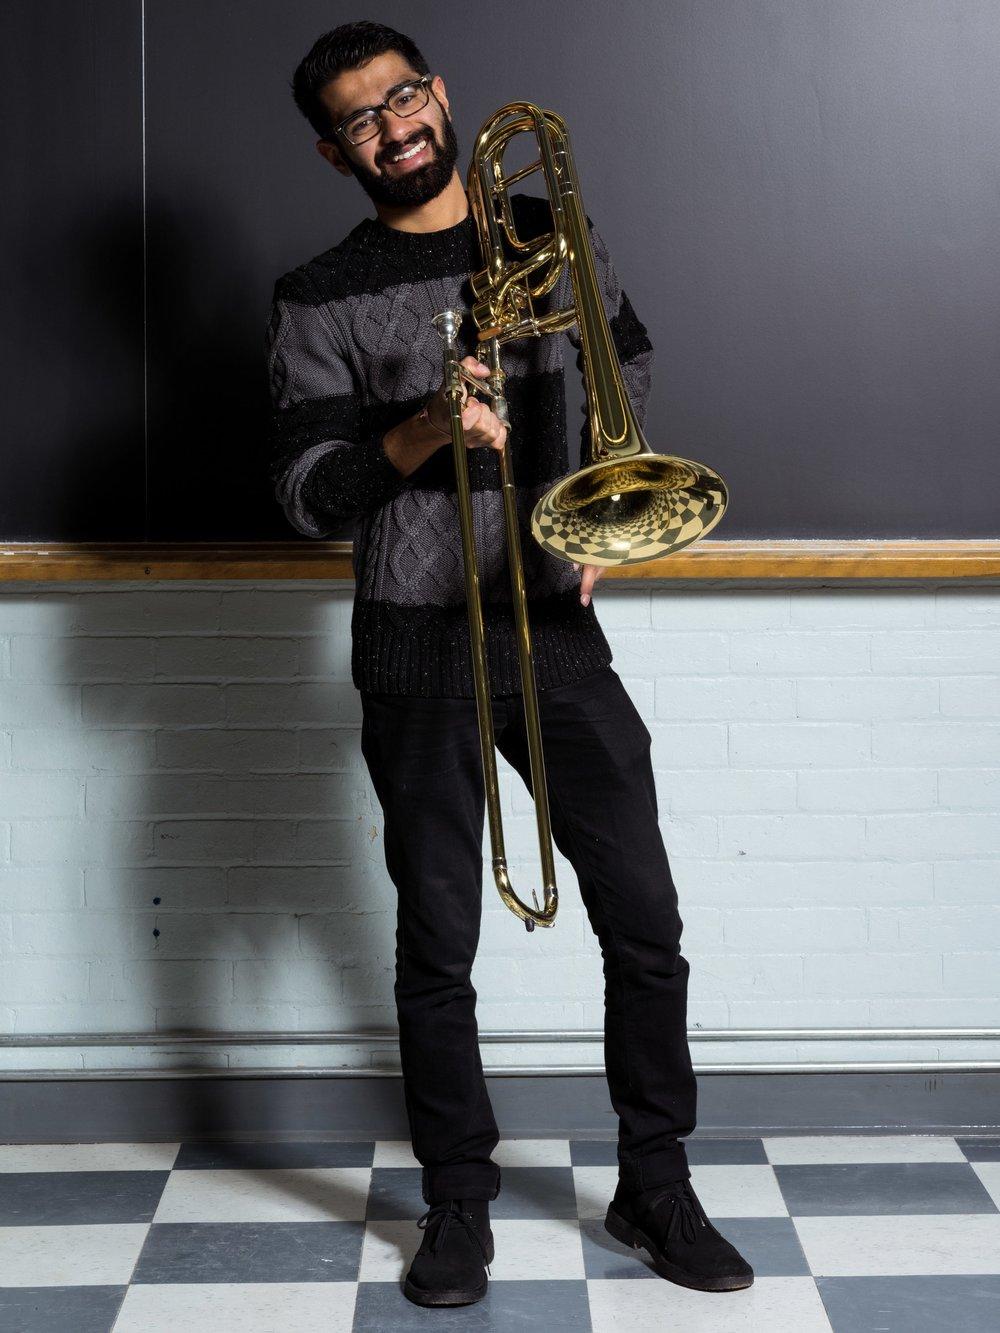 Apurv Bharadwaj - Bass Trombone